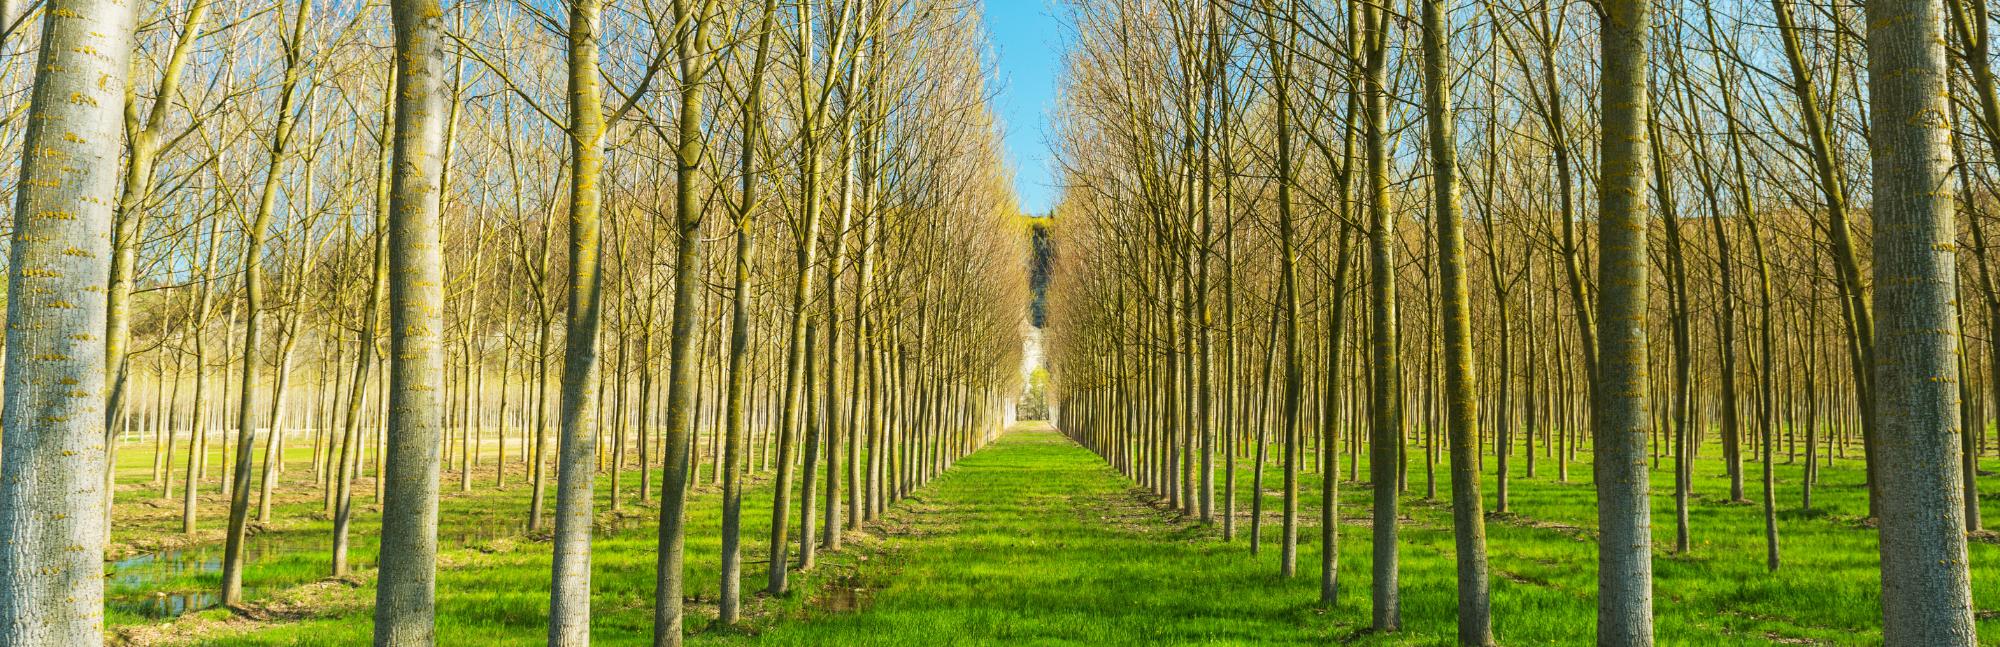 LIFE FOREST CO2 TRANSFERIRÁ SU METODOLOGÍA AL PROYECTO LIFE WOOD FOR FUTURE